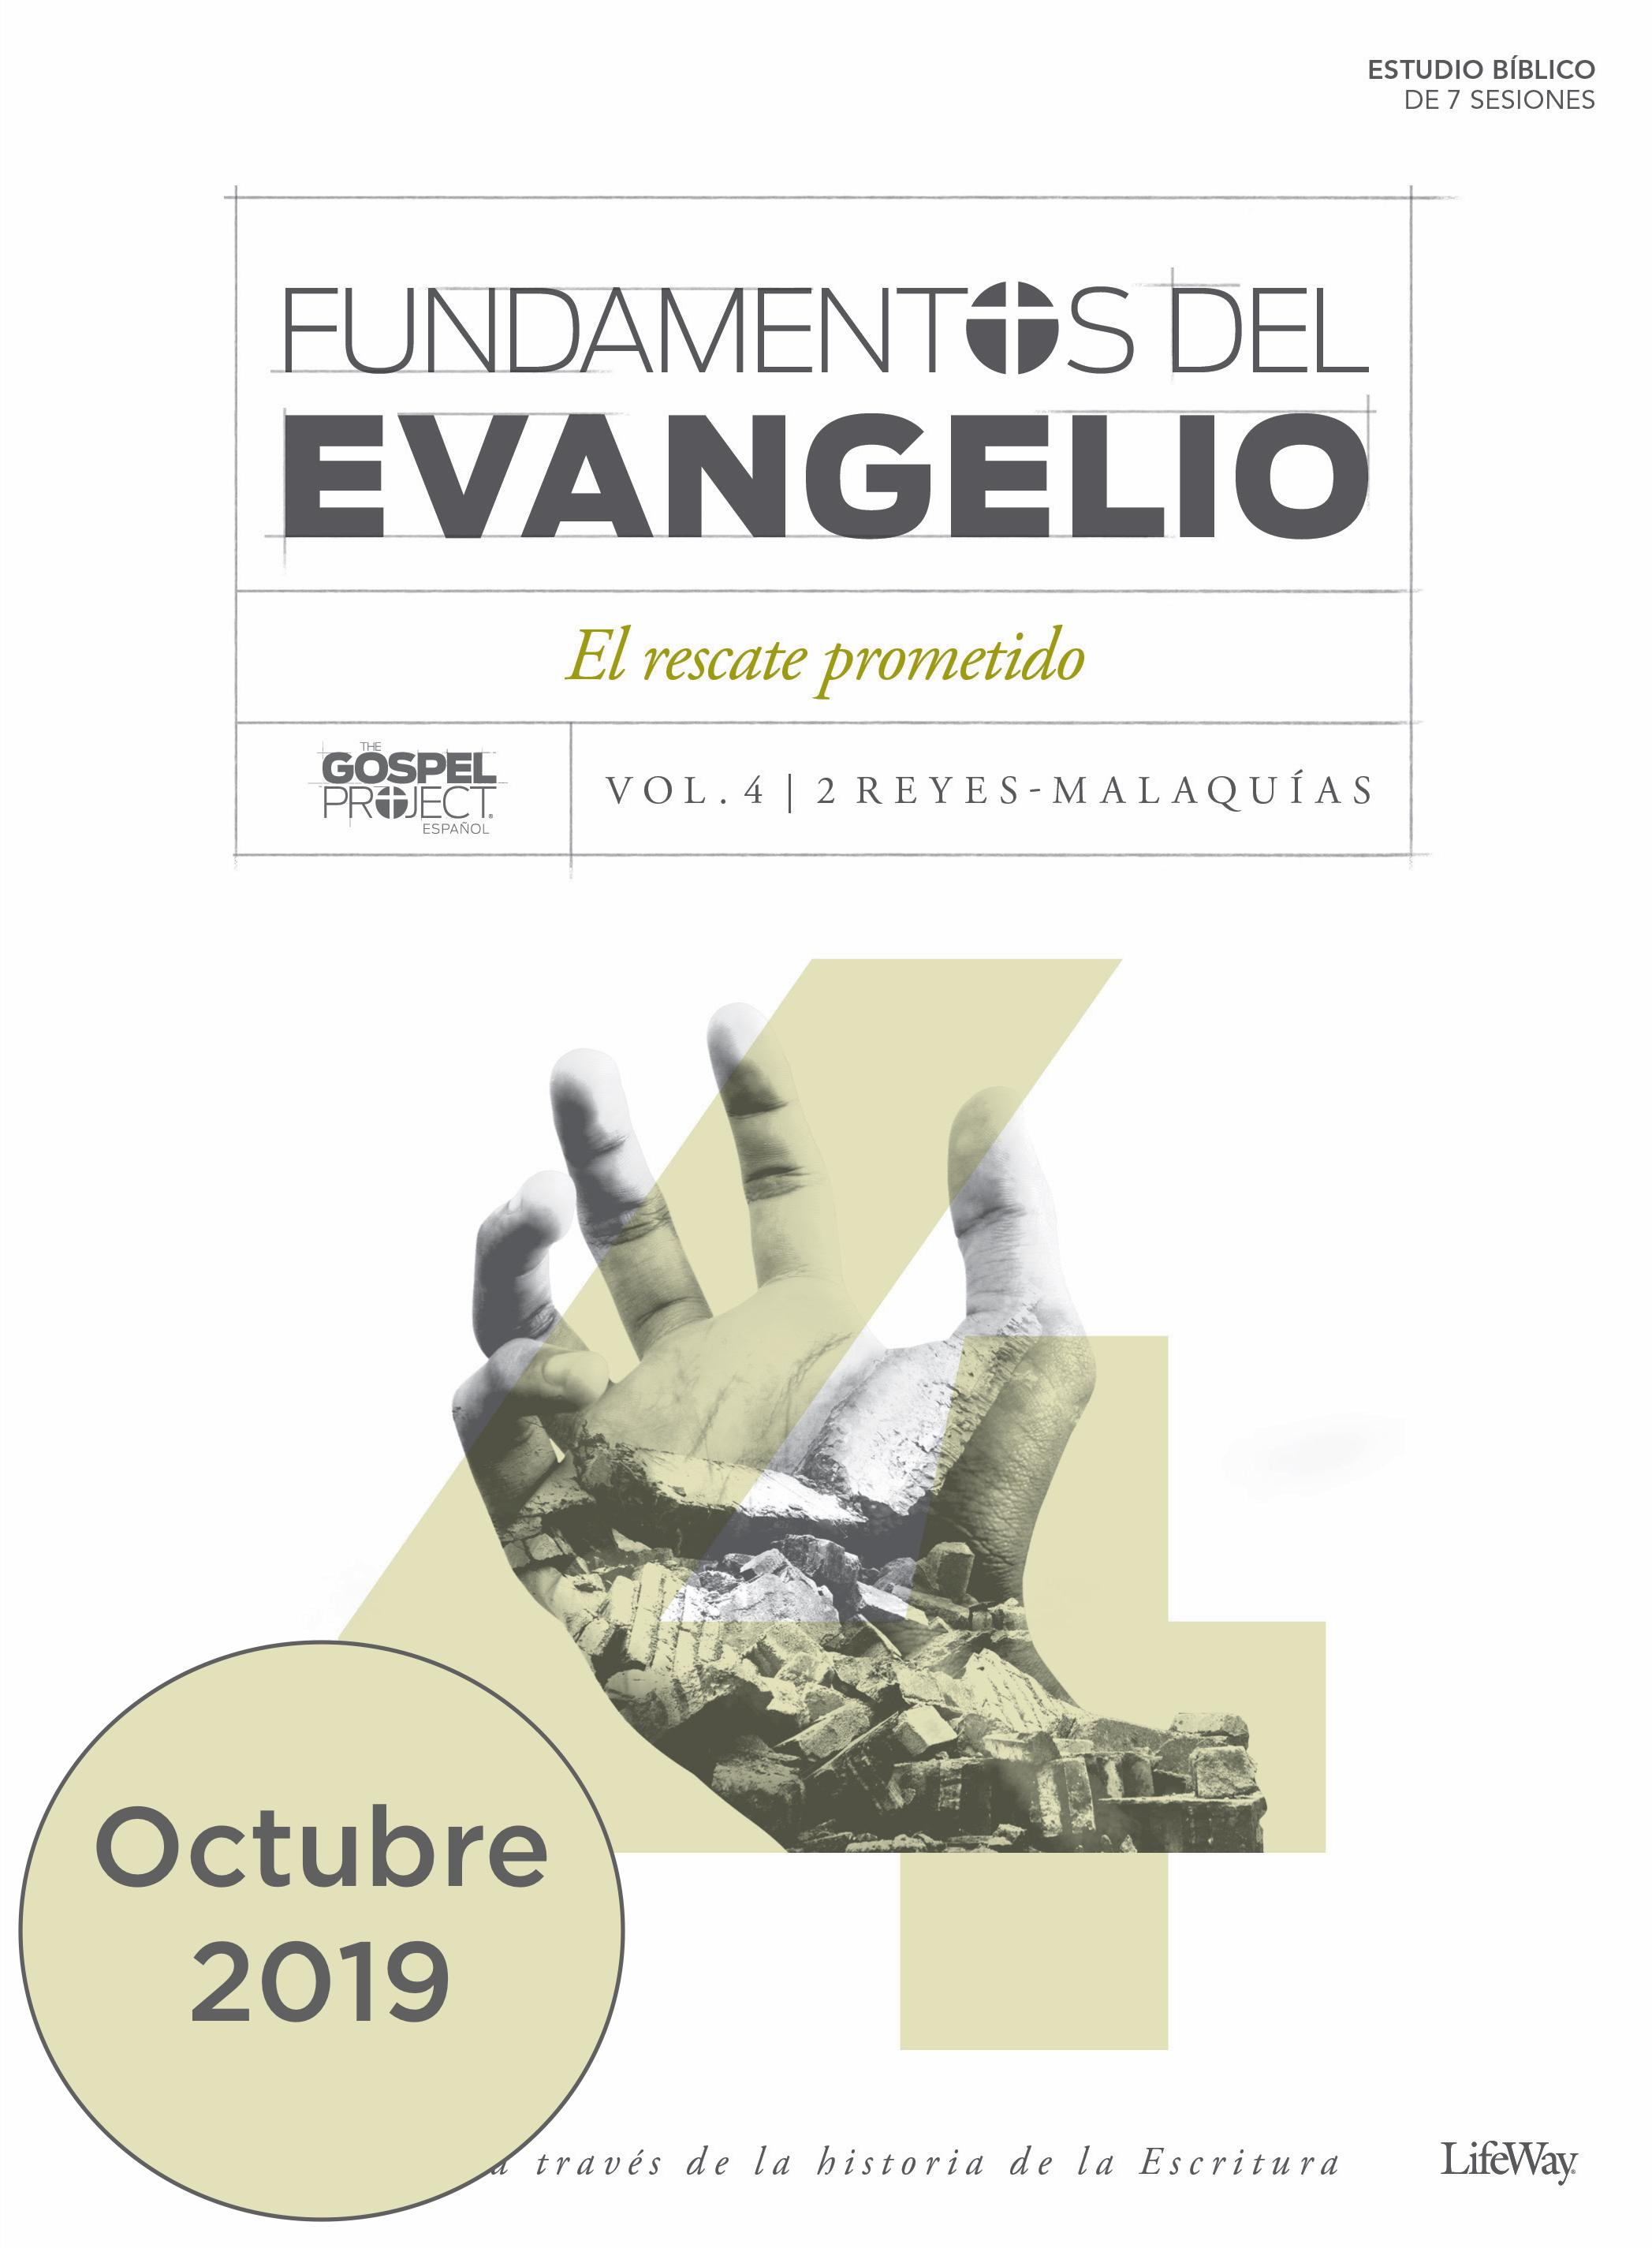 Volume 4: Fundamentos del Evangelio, Volumen 4 - El rescate venidero | Octubre 2019